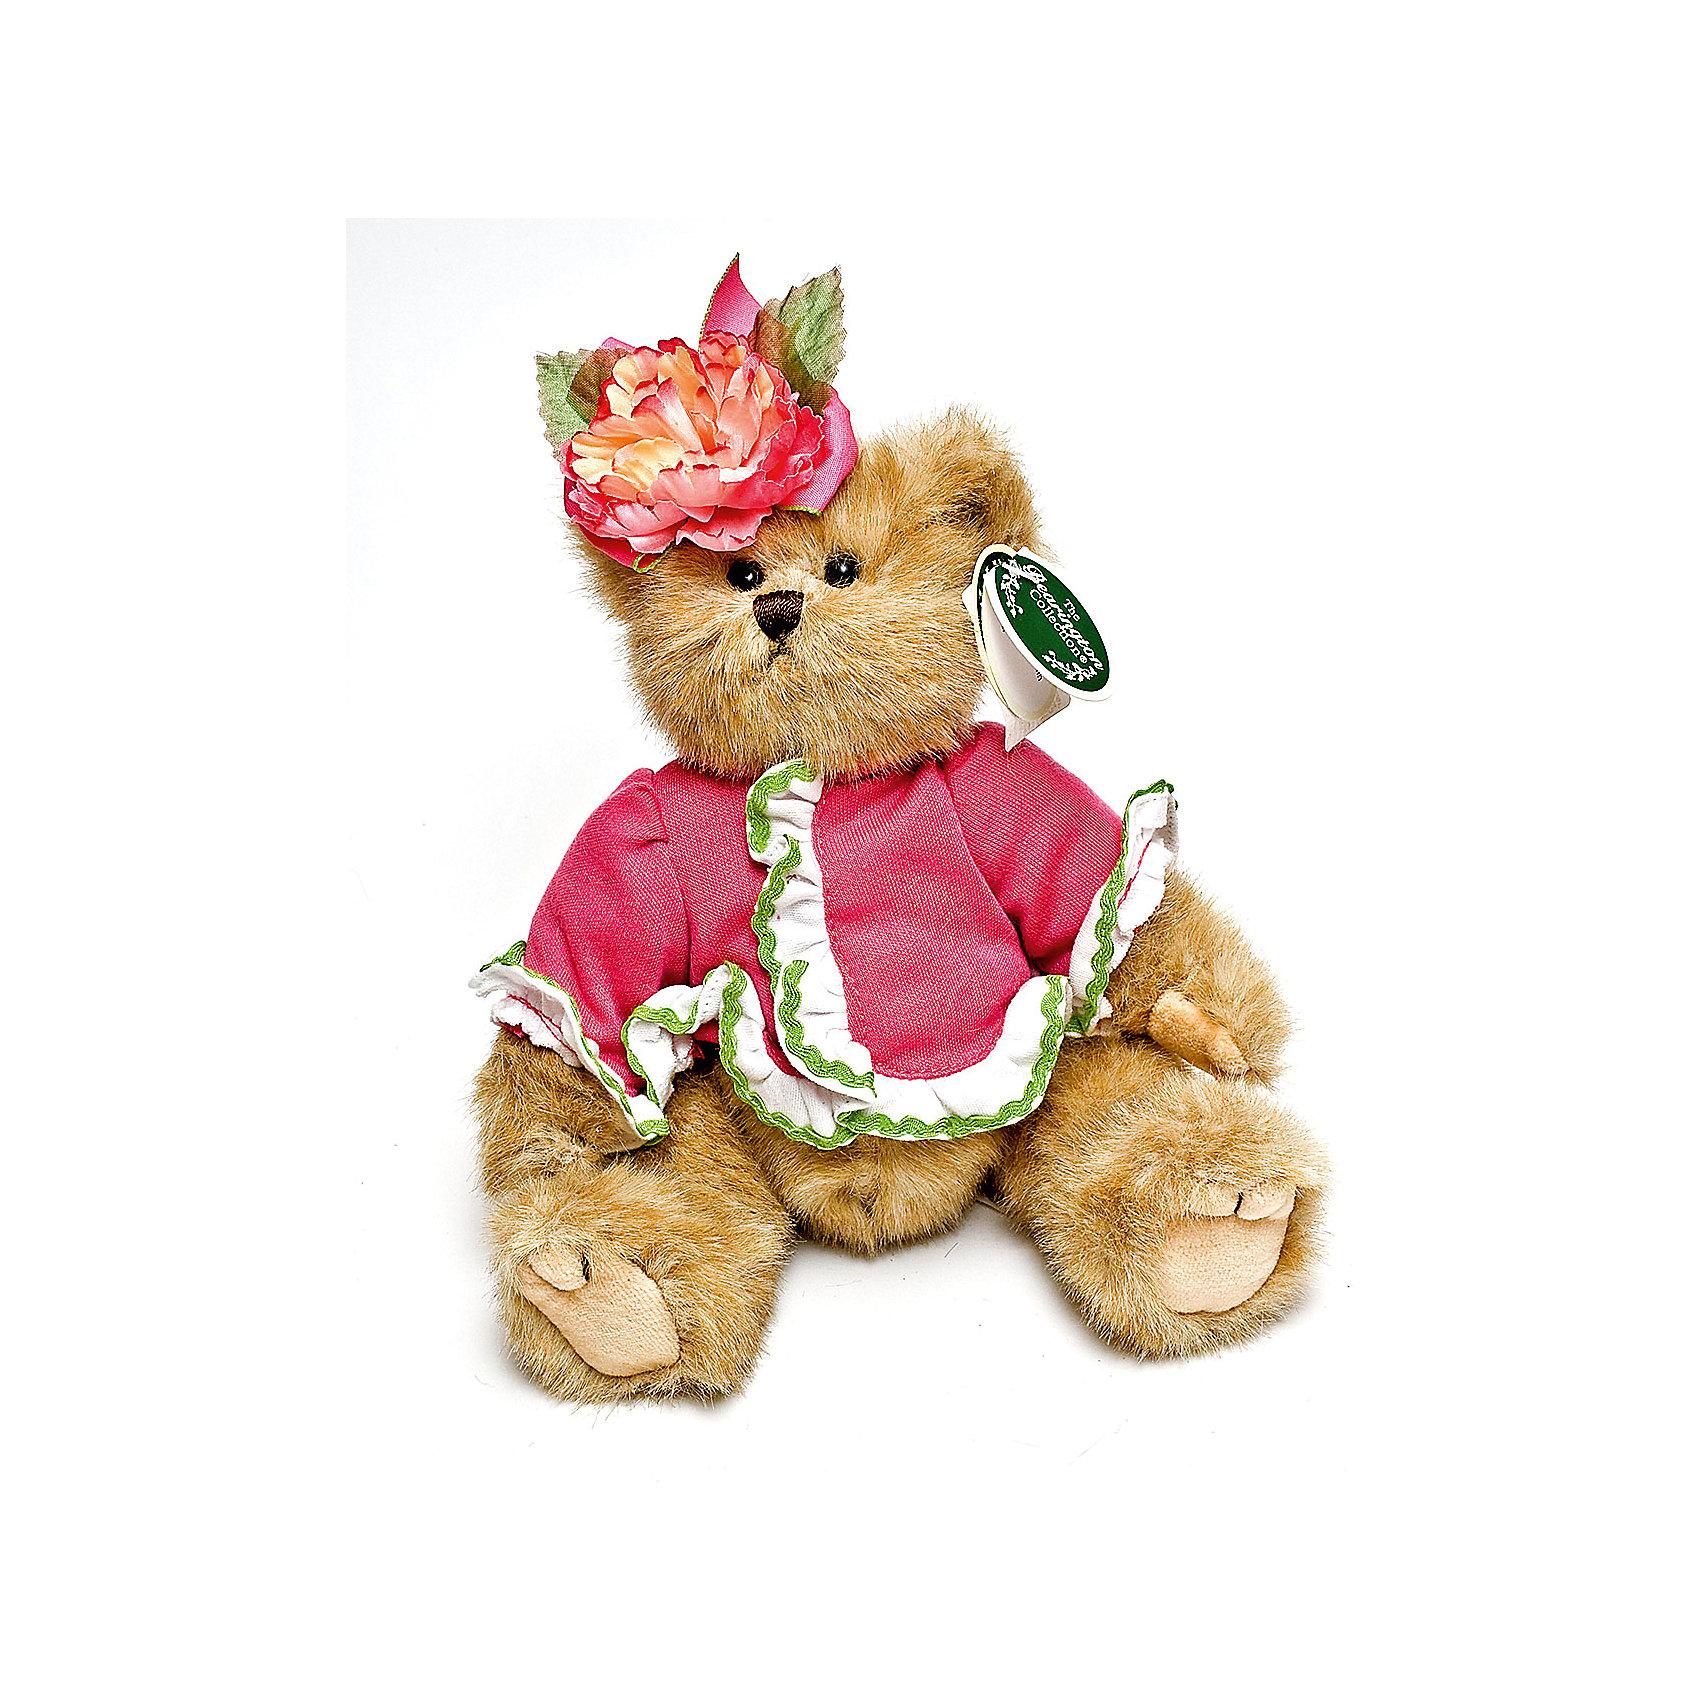 Мишка, 25 см, BearingtonМишка, 25 см, Bearington (Берингтон).<br><br>Характеристики:<br><br>- Высота игрушки: 25 см.<br>- Материал: искусственный мех, текстиль, набивка - полиэфирное волокно<br><br>Симпатичный мишка Тедди в розовой кофточке и с цветком на голове от американской компании Bearington (Берингтон) покорит Вас обаянием и красотой. Игрушка непременно вызовет положительные эмоции и подарит Вам свою любовь и тепло. У мишки очаровательная мордочка, забавный носик и черные как угольки глазки. Игрушка изготовлена из нежного высококачественного искусственного меха по классическим традициям производства мишек Тедди. Лапки игрушки крепятся таким образом, что их можно вращать по отношению к туловищу на 360 градусов, и придавать мишке разнообразные позы. Голова вращается. Чудесная кофточка сшита из высококачественных экологически чистых материалов. Крой и отделка наряда созданы с любовью, что придает игрушке особый шарм. Кофточку можно снимать и одевать. Играть с мишкой Тедди от Беарингтон также интересно, как и с куклами. Благодаря чудесному образу и высококачественному исполнению мишка станет лучшим подарком для девочек и девушек с утонченным изысканным вкусом и для коллекционеров мишек Тедди.<br><br>Мишку, 25 см, Bearington (Берингтон) можно купить в нашем интернет-магазине.<br><br>Ширина мм: 80<br>Глубина мм: 50<br>Высота мм: 250<br>Вес г: 160<br>Возраст от месяцев: 36<br>Возраст до месяцев: 2147483647<br>Пол: Женский<br>Возраст: Детский<br>SKU: 5119964